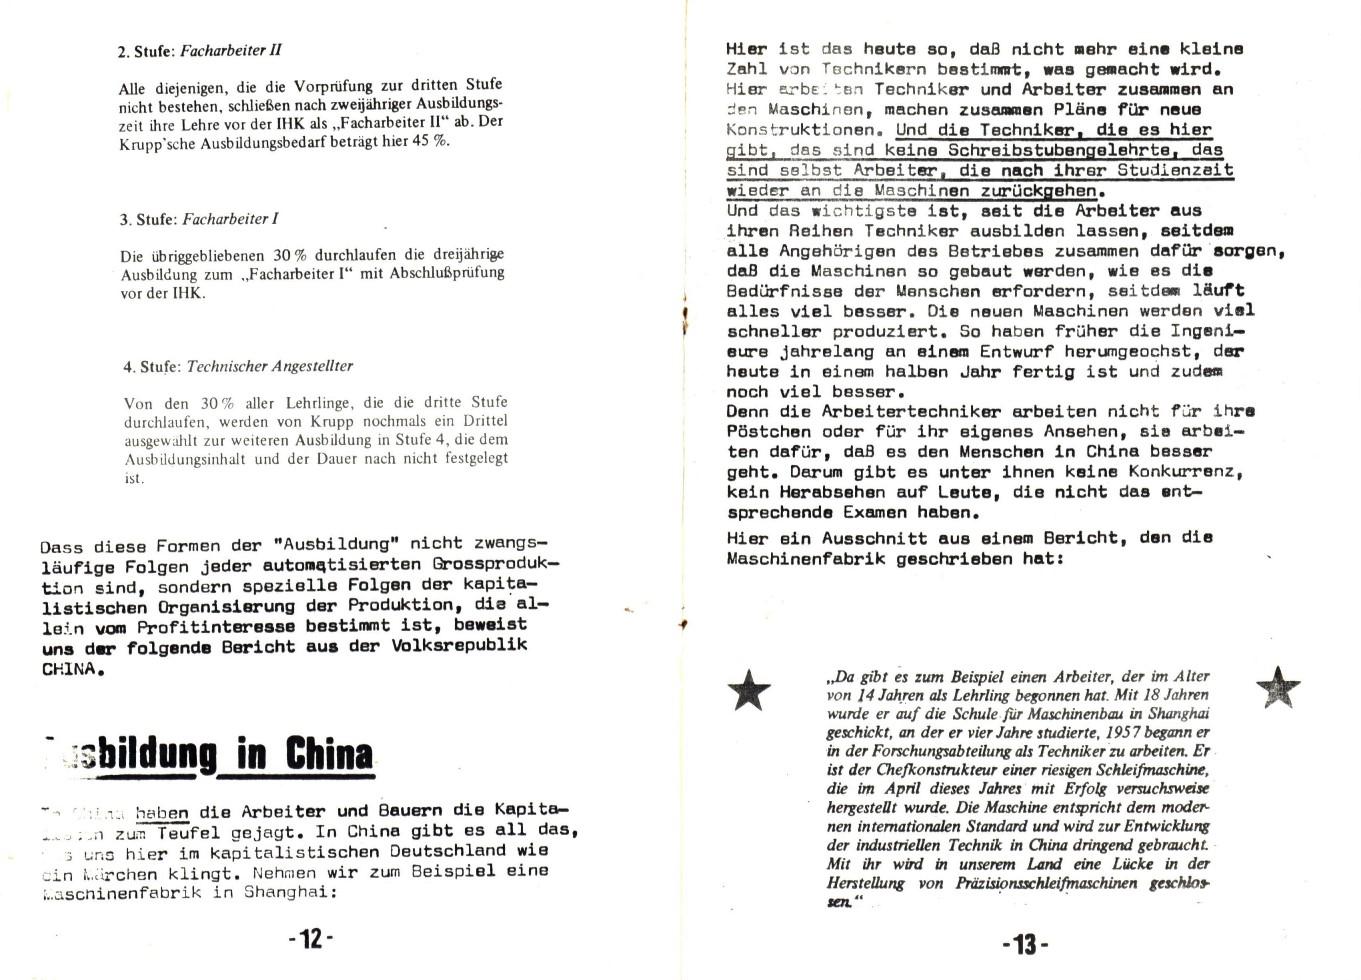 KJVD_1971_Der_wirtschaftliche_Kampf_der_Arbeiterjugend_07